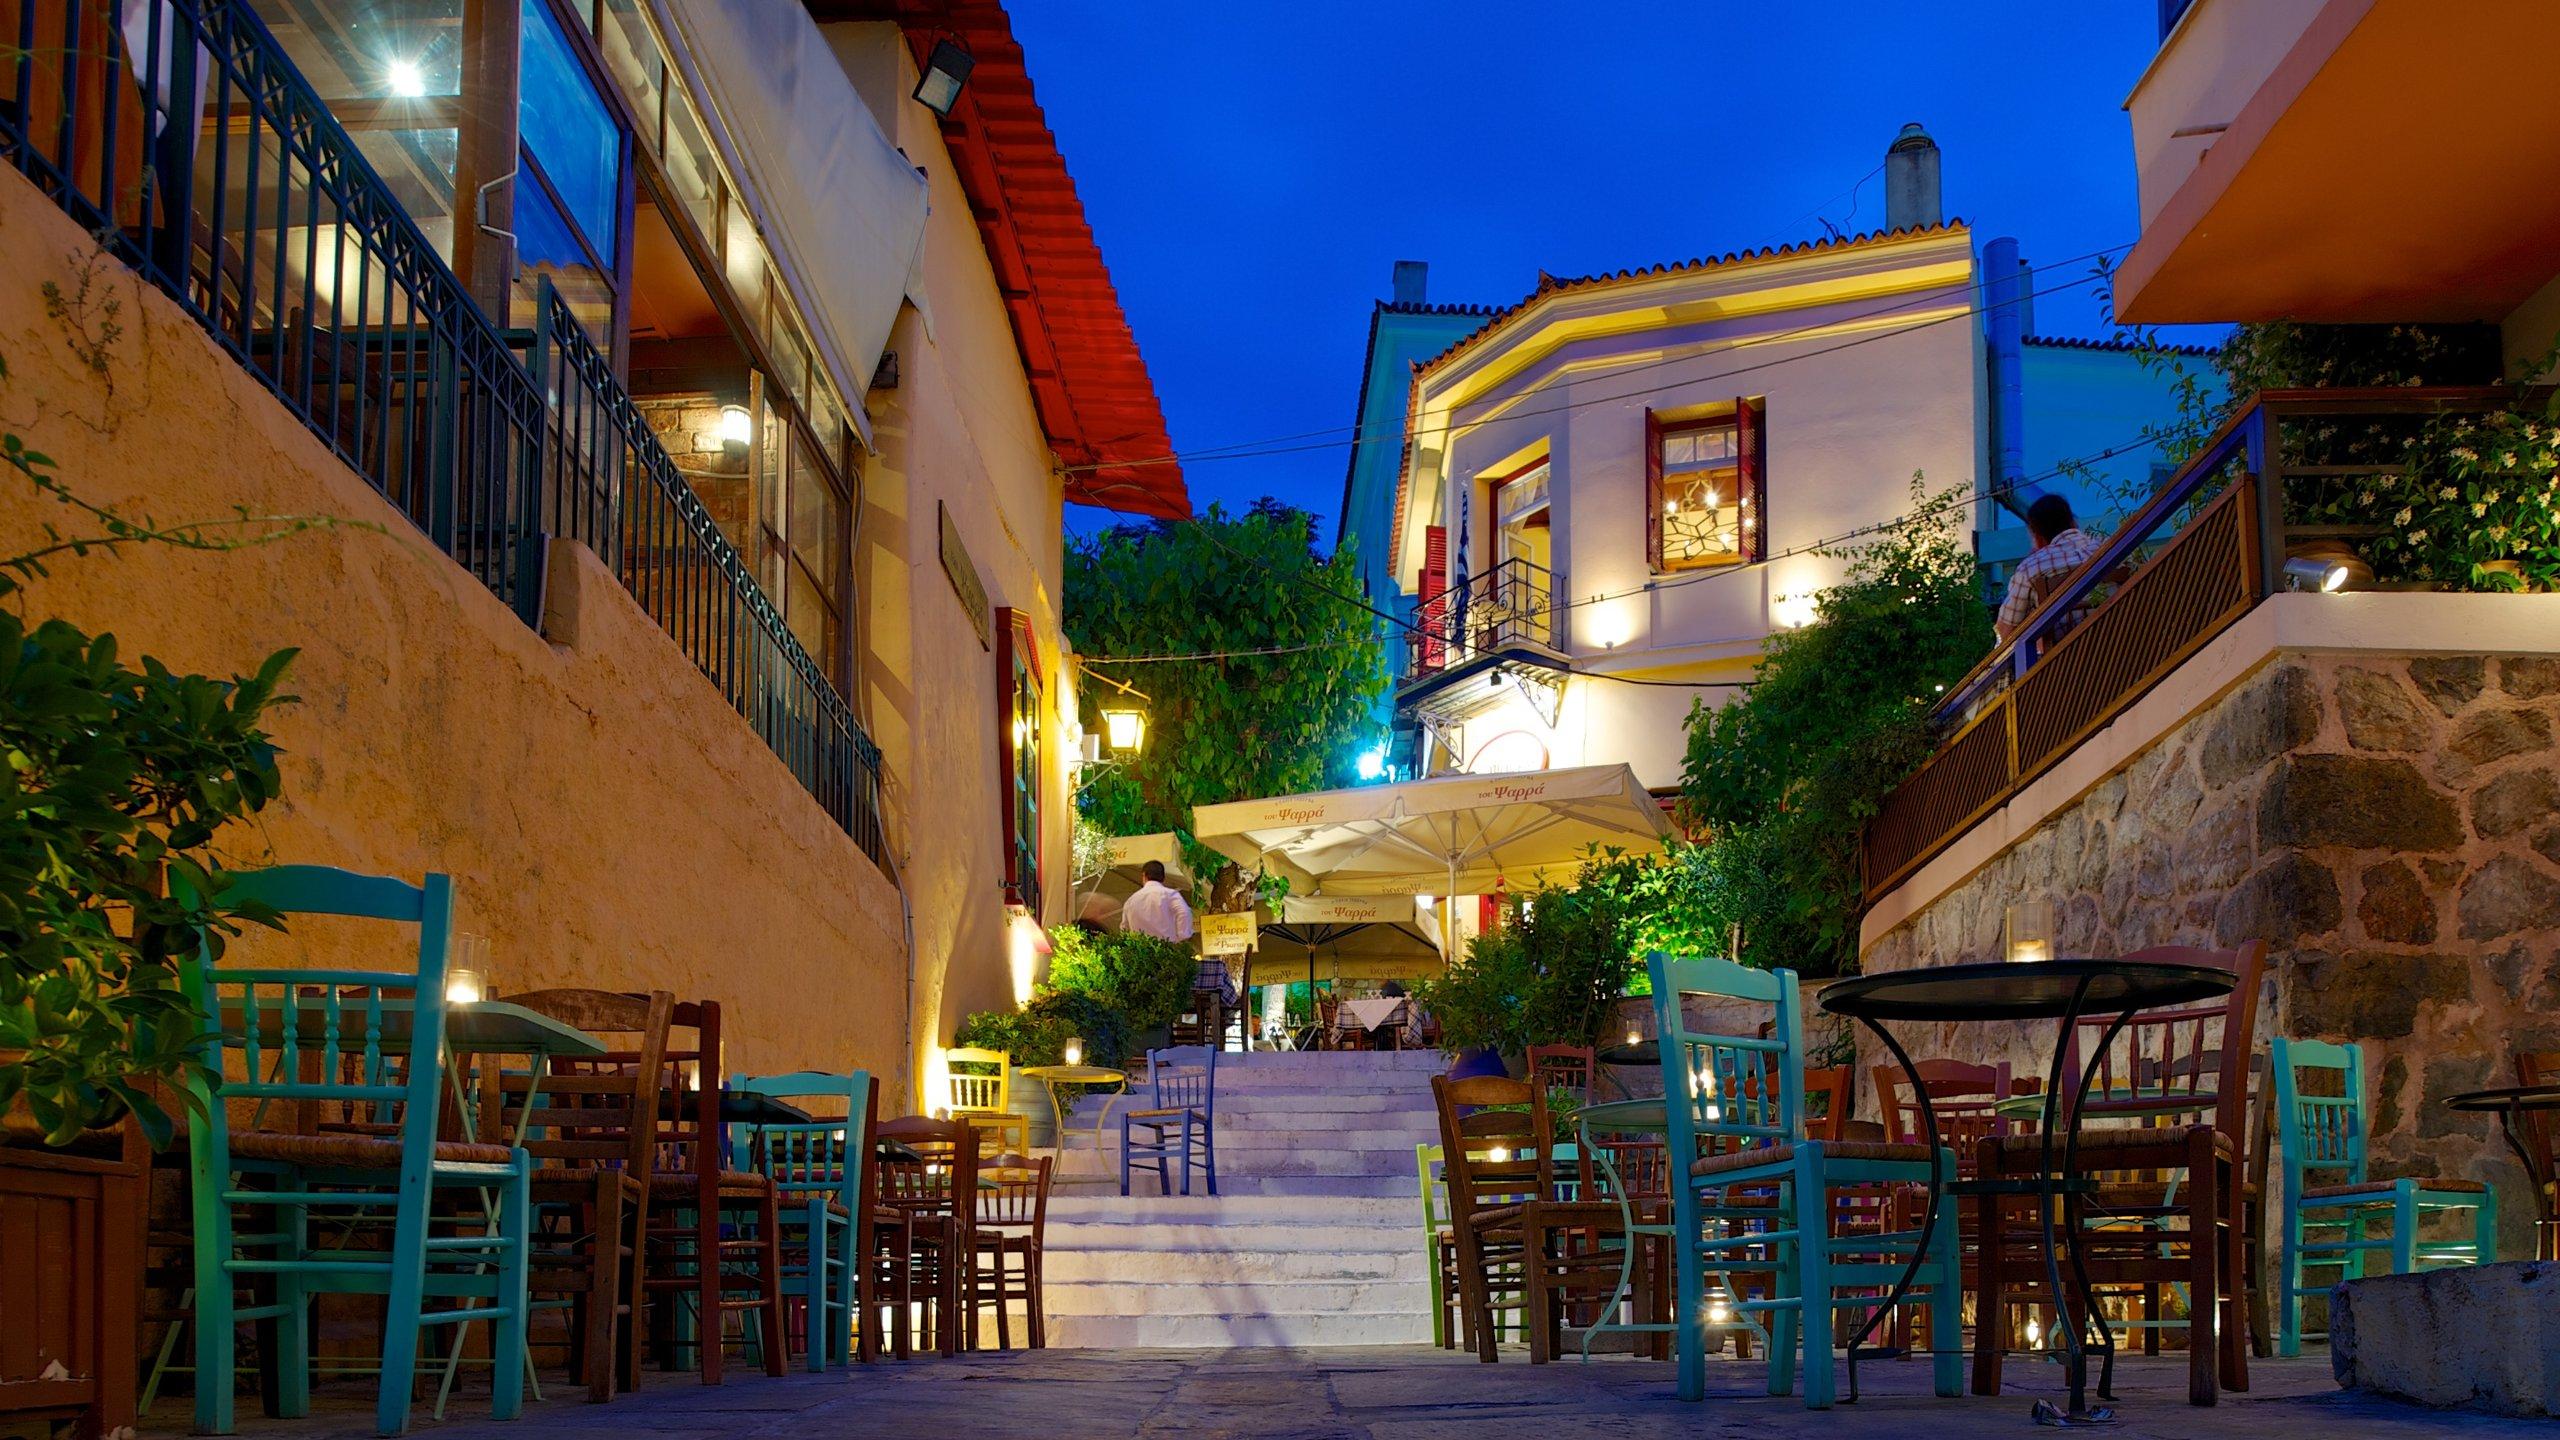 Pláka qui includes scènes de nuit, sortie au restaurant et scènes de rue